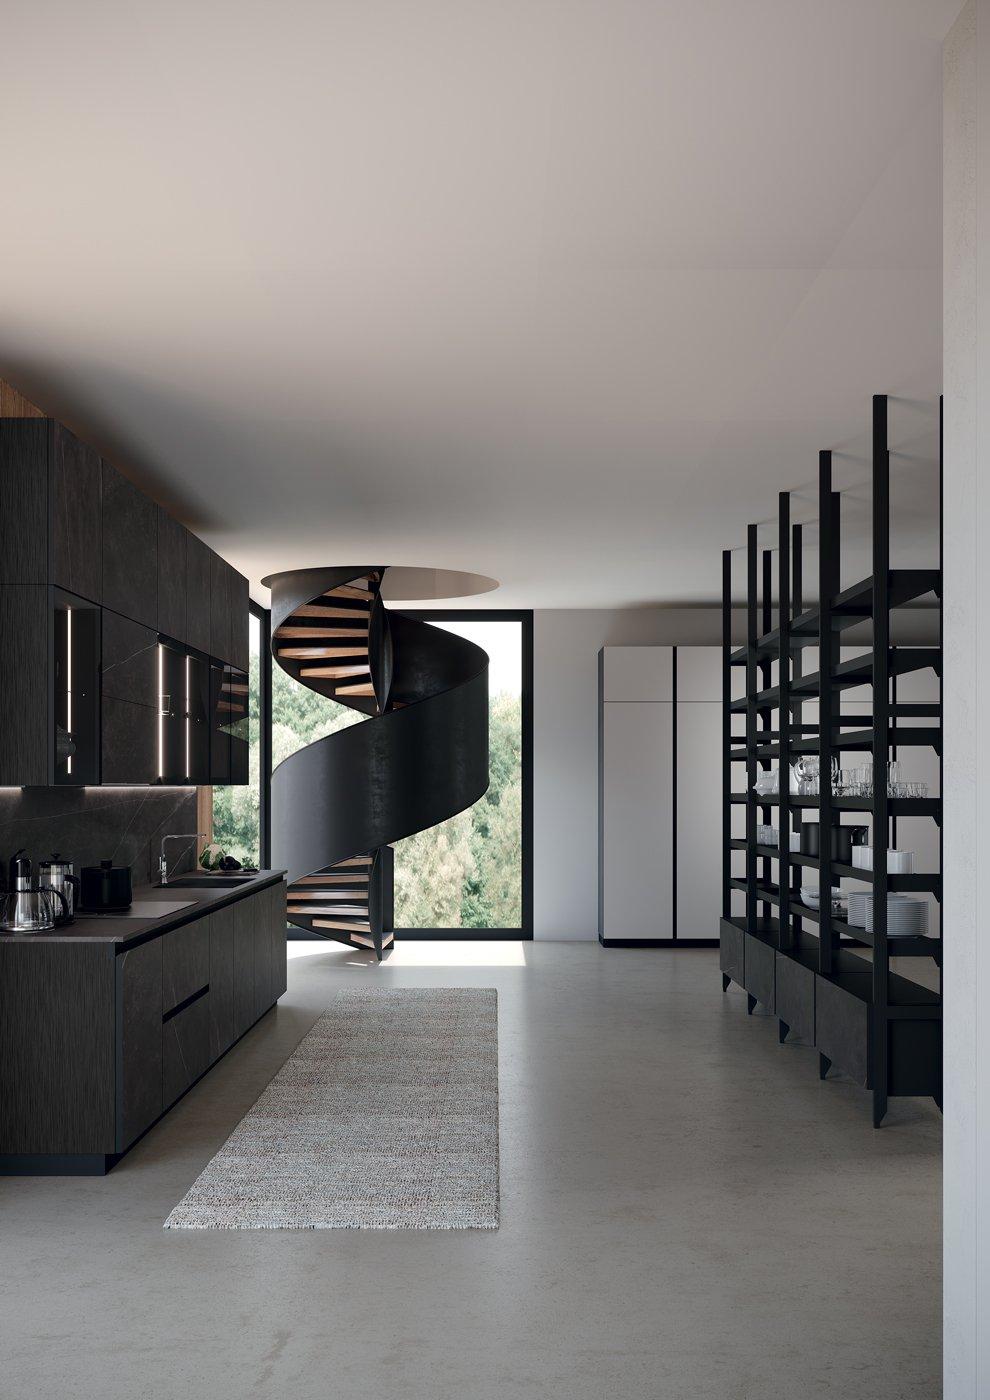 Febal-Casa-cucina-moderna-Kaleidos-stile-industrial-041-mobilinoè